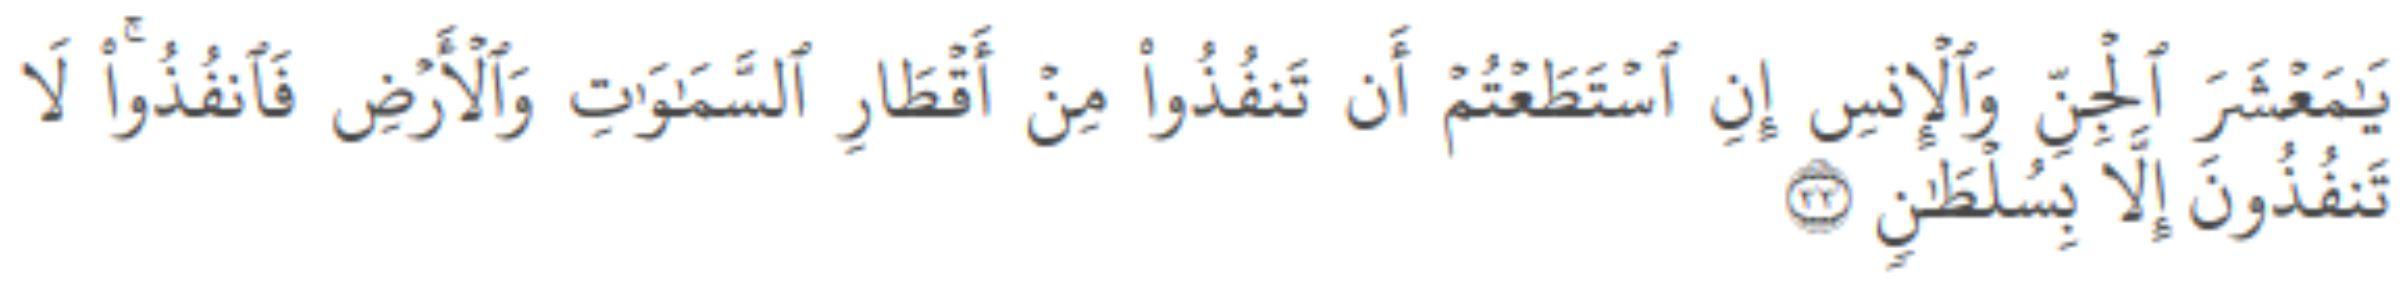 Arti Surah Ar Rahman Ayat 33 Perkata Beserta Isi Kandungan